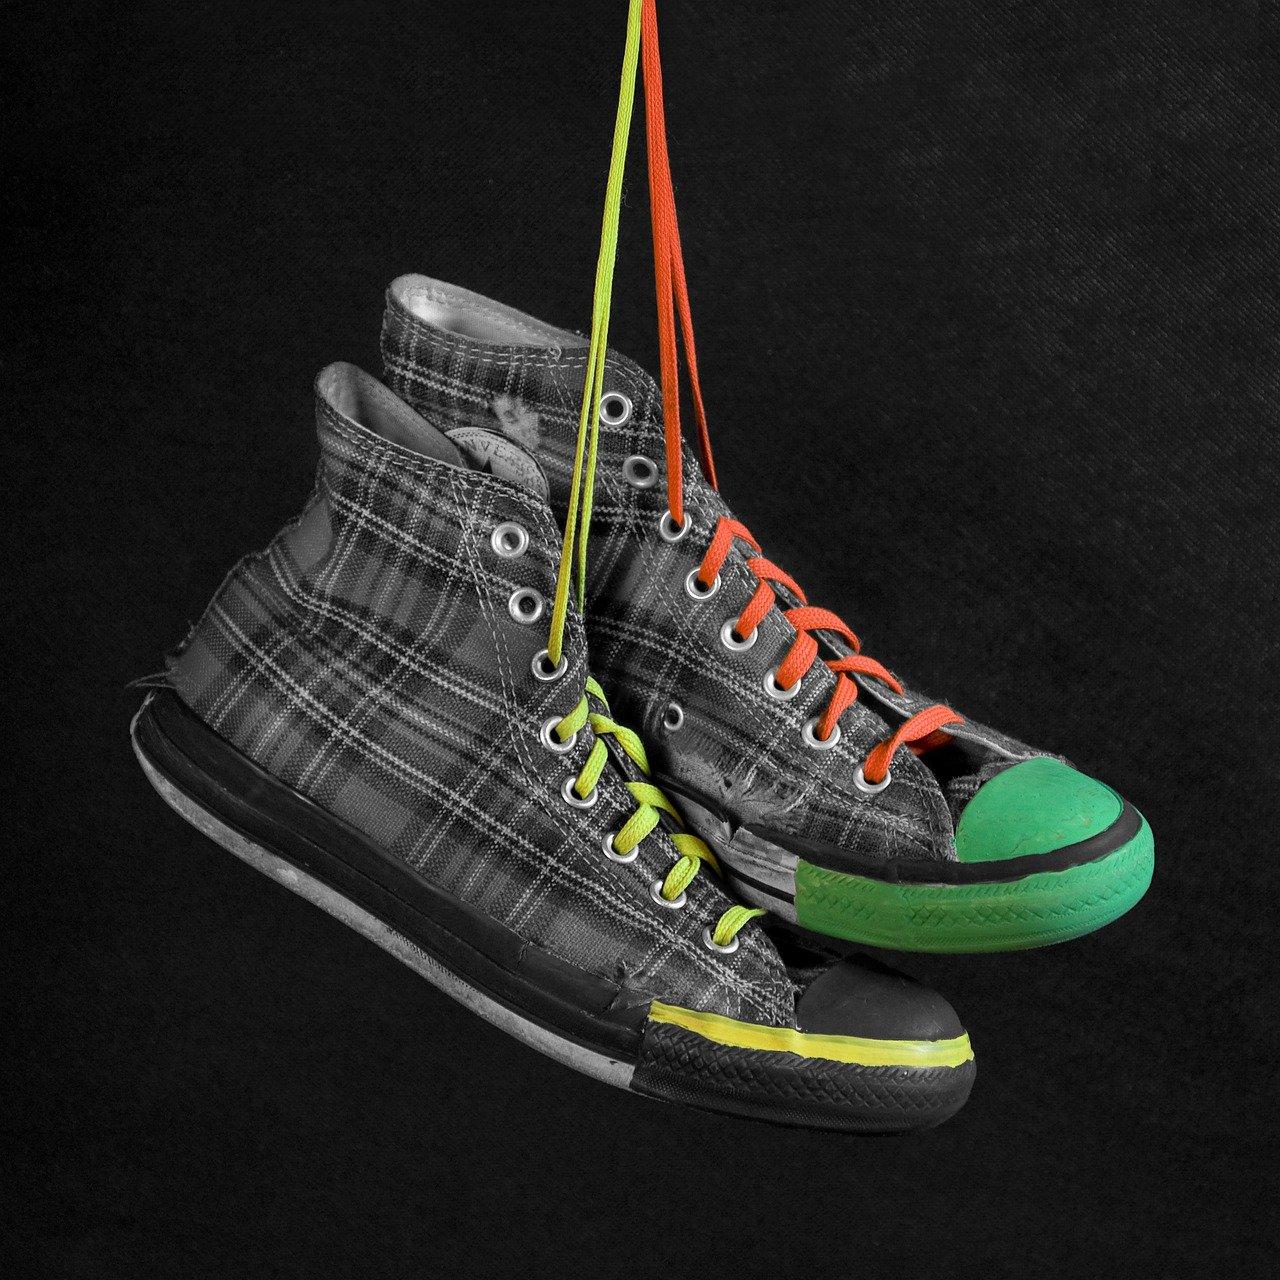 Sneaker aufpeppen: So wird der Schuh zum Unikat